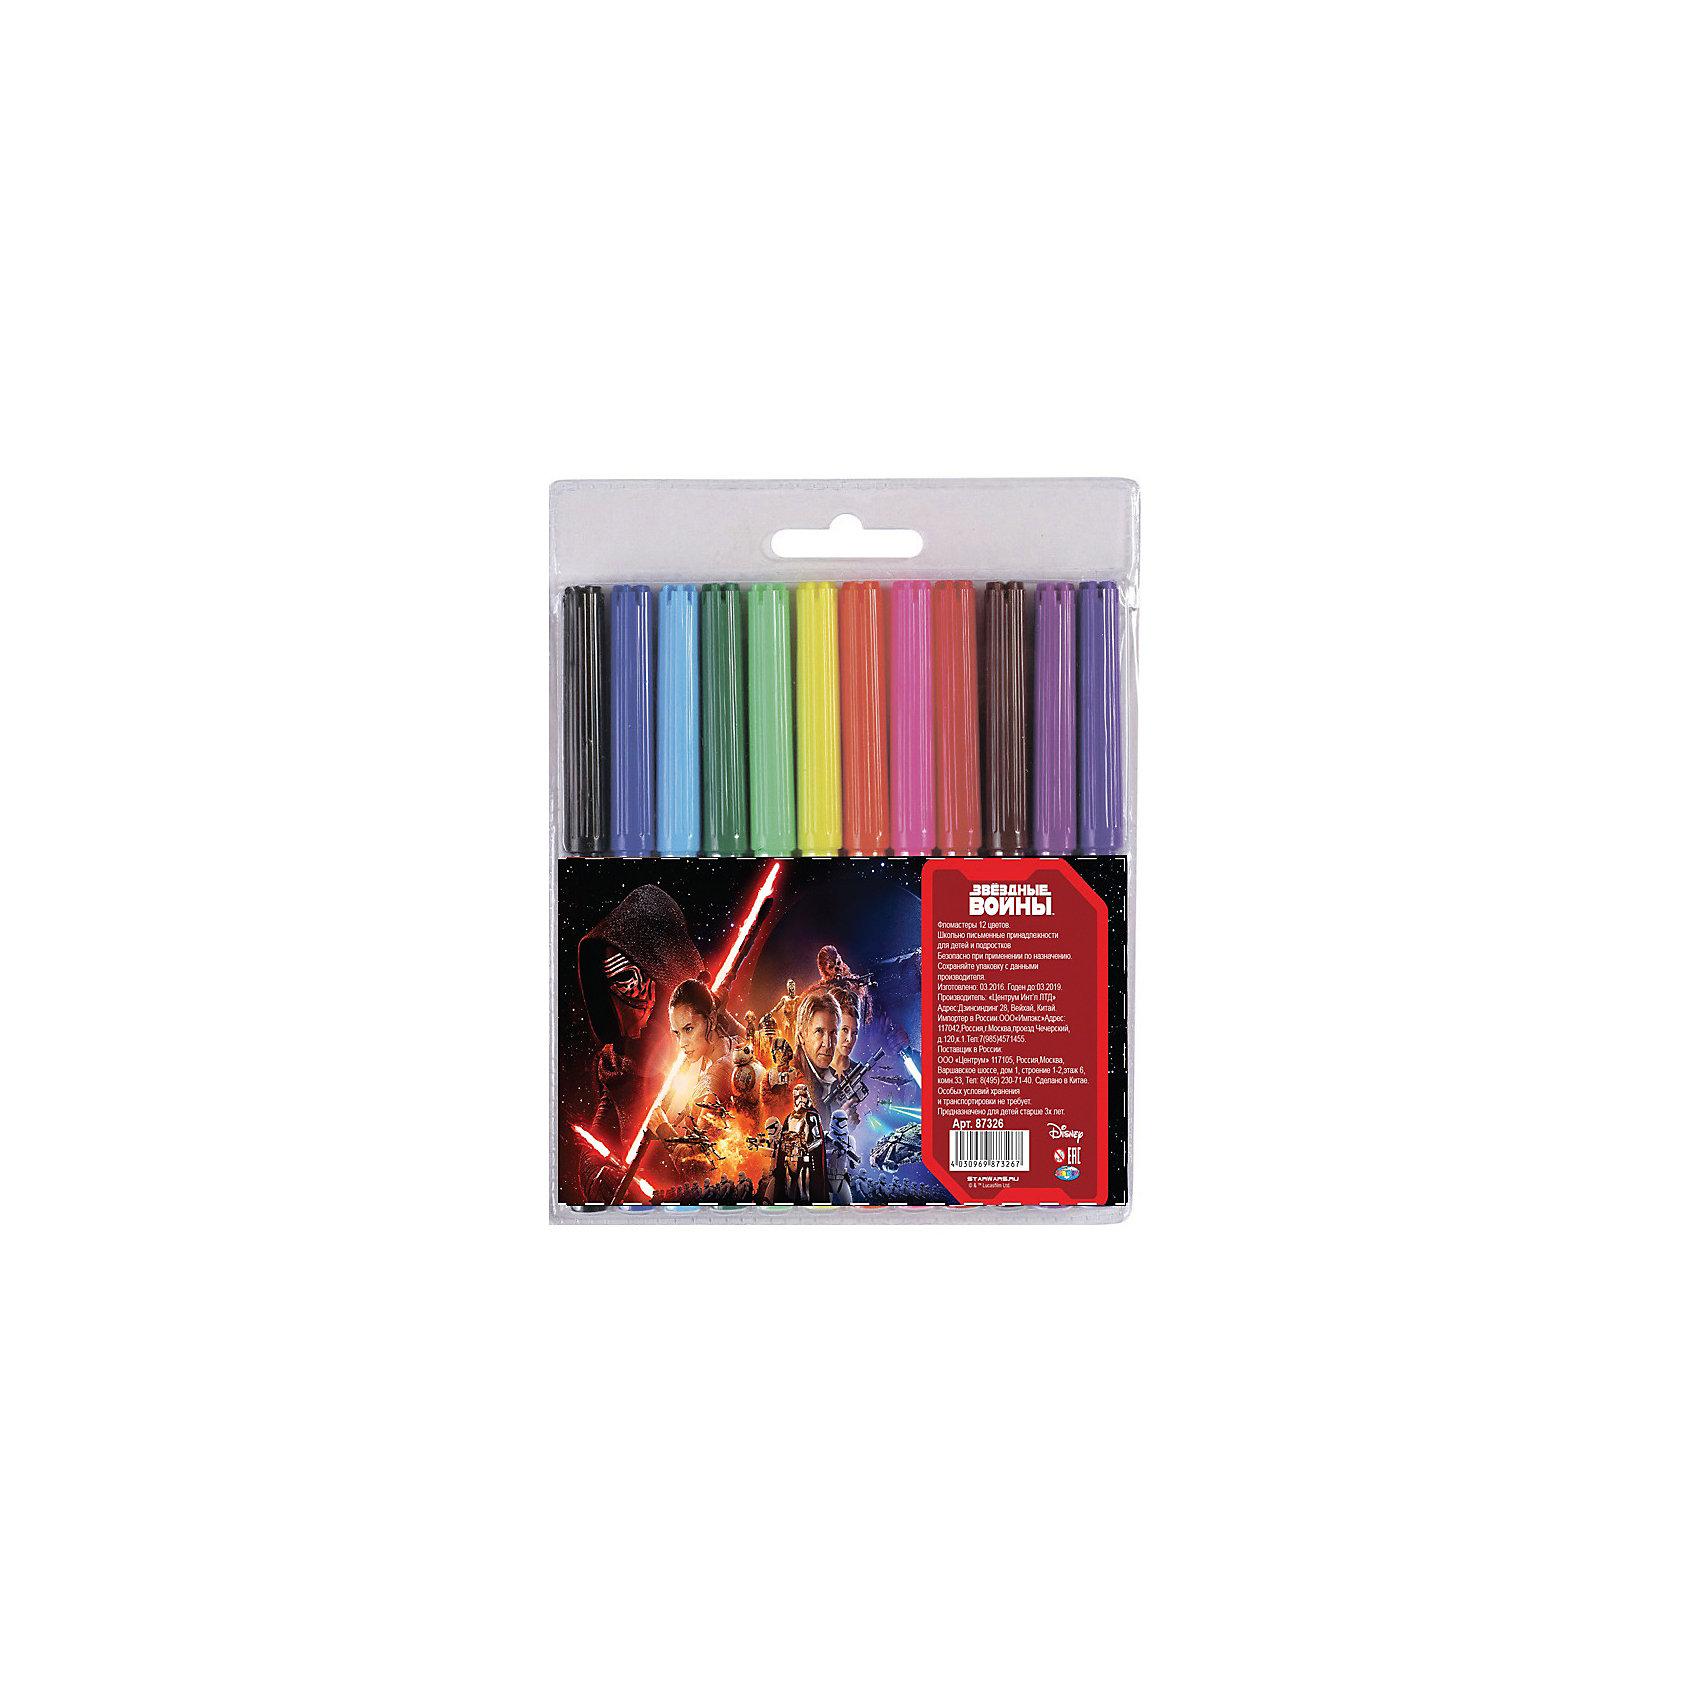 Фломастеры Звездные войны 12 цветовРисование<br>Фломастеры Звездные войны 12 цветов, Centrum (Центрум)<br><br>Характеристики:<br><br>• яркие цвета<br>• вентилируемый колпачок<br>• в комплекте: фломастеры 12 цветов<br>• размер упаковки: 16х13,5 см<br><br>Яркие фломастеры, несомненно, необходимы каждому маленькому художнику. Набор из серии Звездные войны состоит из 12-и фломастеров. Каждый имеет яркий цвет, прочный закругленный стержень и вентилируемый колпачок, который позволит избежать высыхания. Упаковка украшена изображением героев легендарной киносаги Звездные войны, которые вдохновят ребенка на создание новых шедевров.<br><br>Фломастеры Звездные войны 12 цветов, Centrum (Центрум) вы можете купить в нашем интернет-магазине.<br><br>Ширина мм: 10<br>Глубина мм: 125<br>Высота мм: 158<br>Вес г: 80<br>Возраст от месяцев: 36<br>Возраст до месяцев: 120<br>Пол: Мужской<br>Возраст: Детский<br>SKU: 5175394